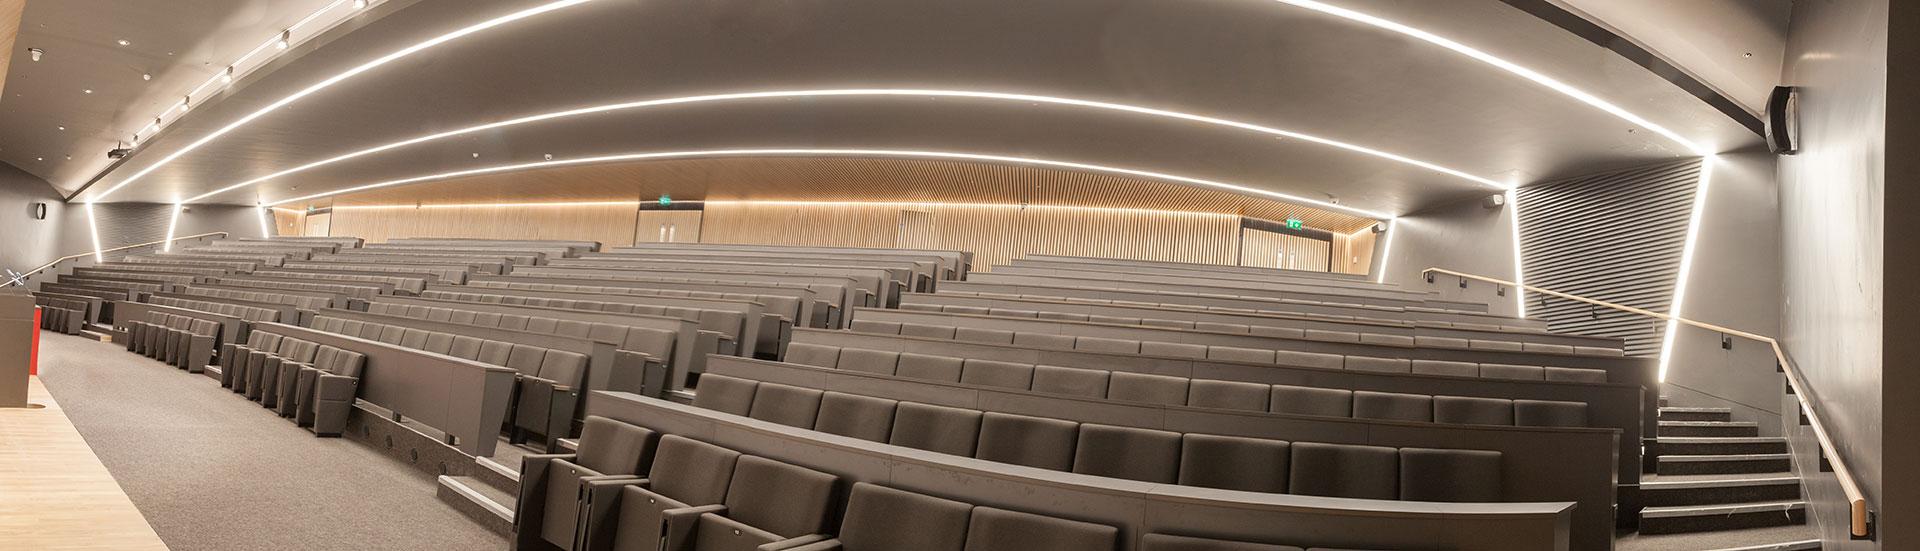 RCSI Auditorium-ECI Lighting